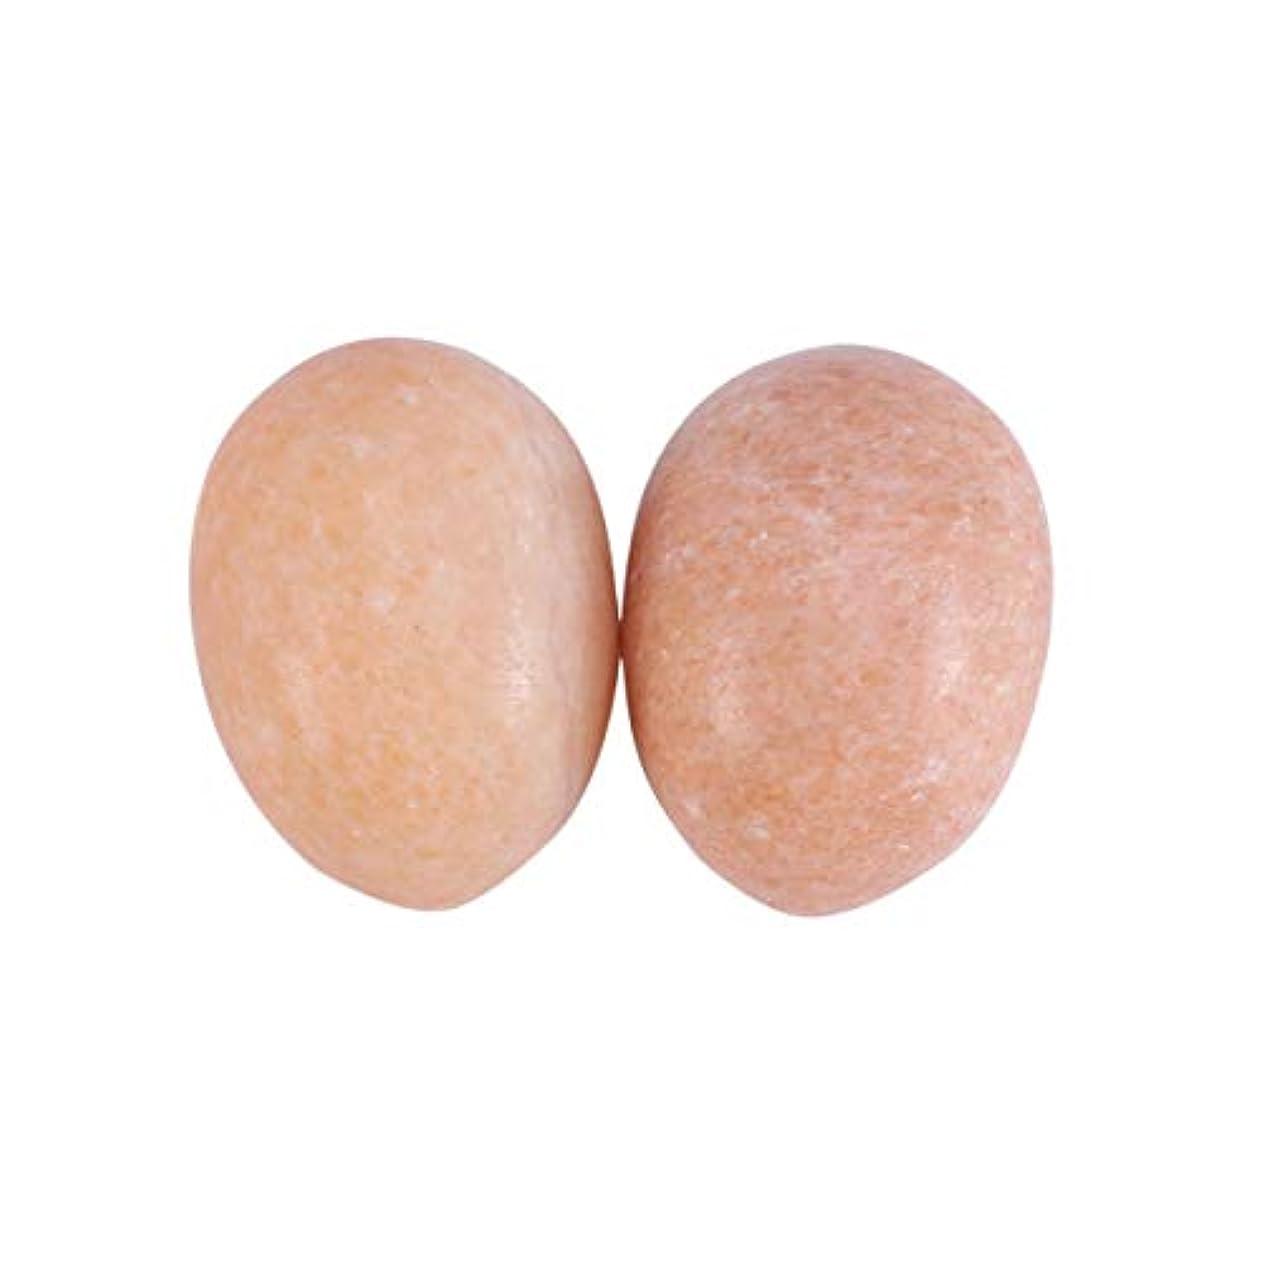 影響力のある偽善者ヤングSUPVOX 6個ネフライト玉ヨードエッグ玉ヨードマッサージストーンチャクラ骨盤筋肉の癒しの卵マッサージケゲル運動(夕焼けの赤卵)